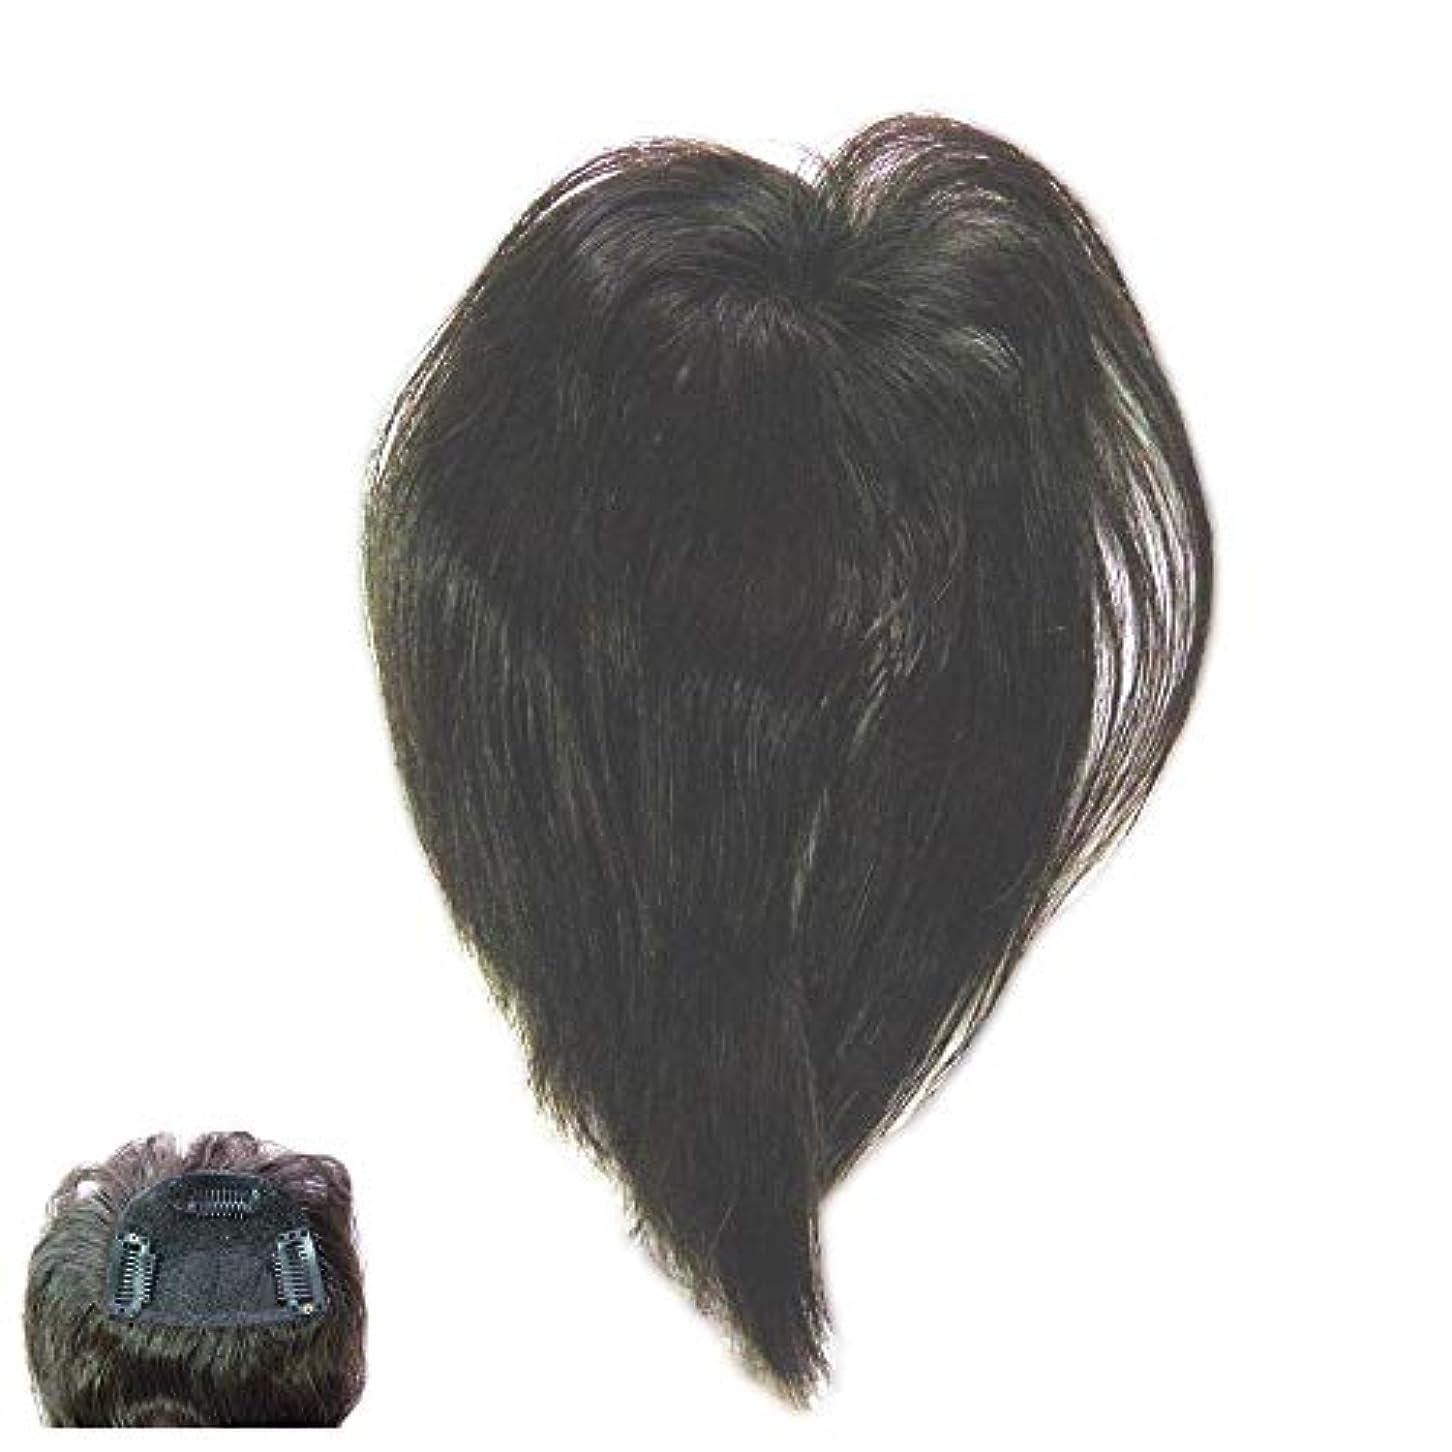 余剰推定する分数(パッケージ不良)ファッション?トップウイッグ★人毛と耐熱形状ファイバーのデラックス仕様 Type13